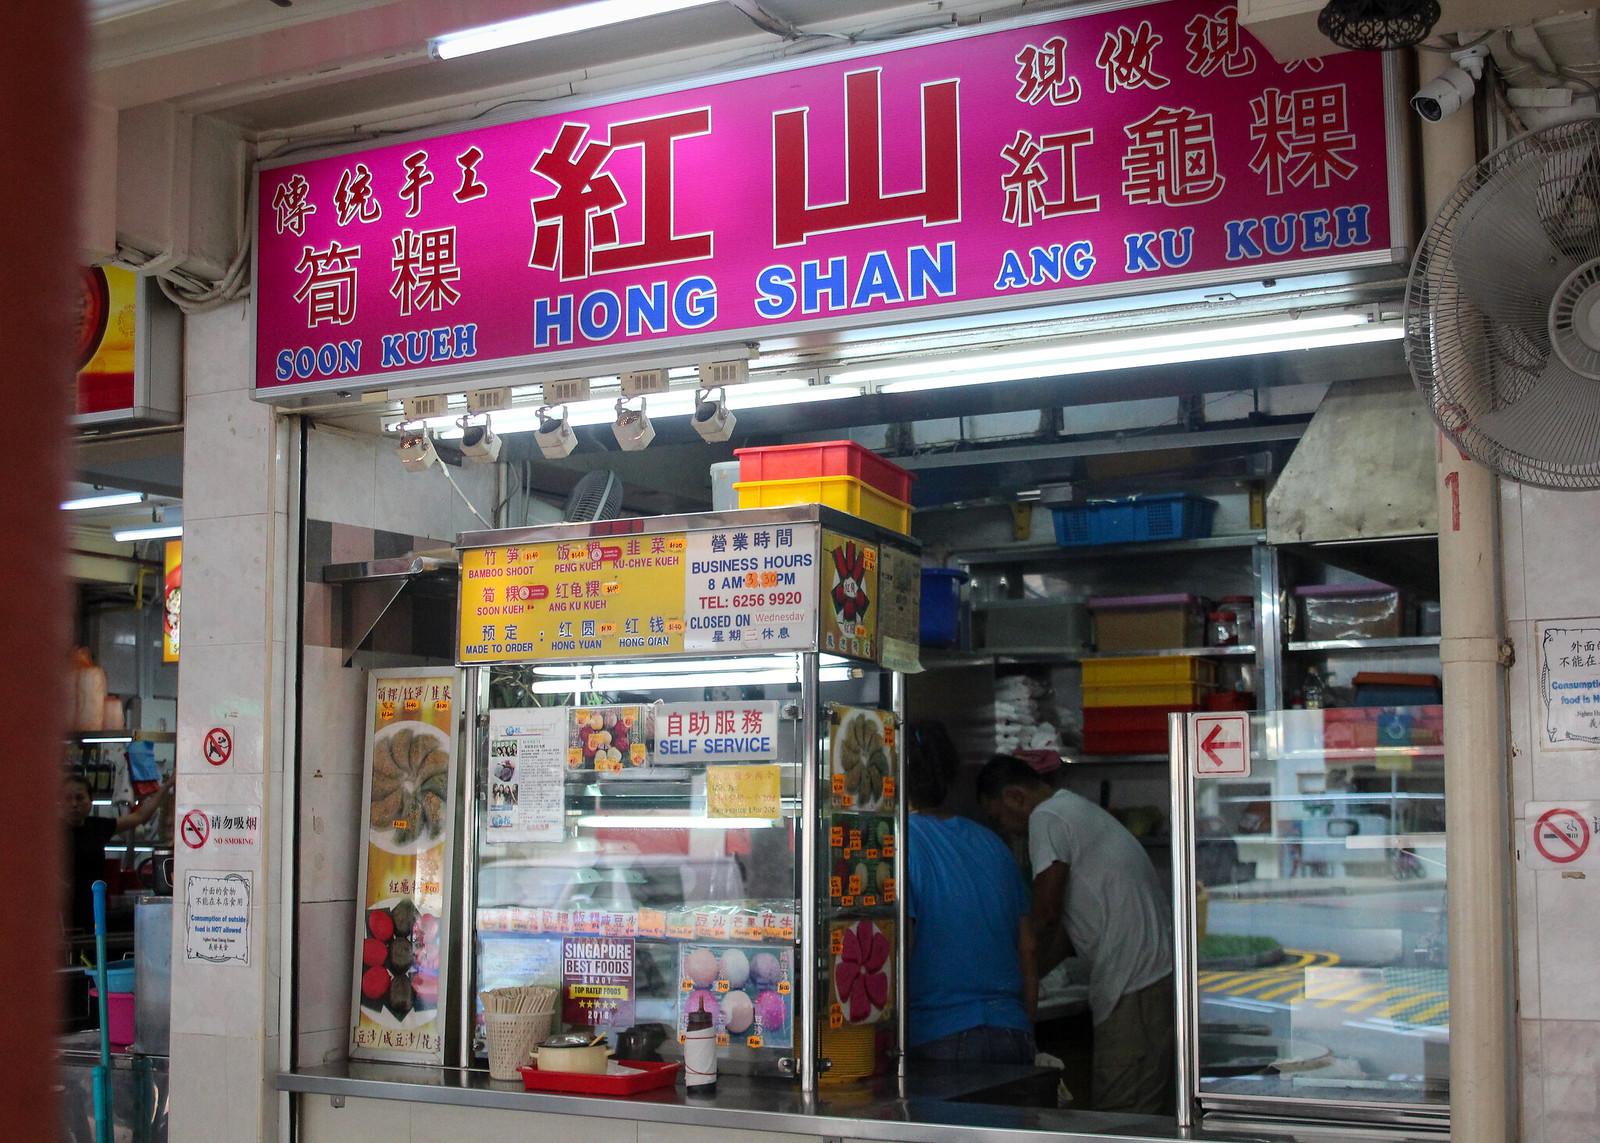 Hong_Shan_Ang_Ku_Kueh_stall3